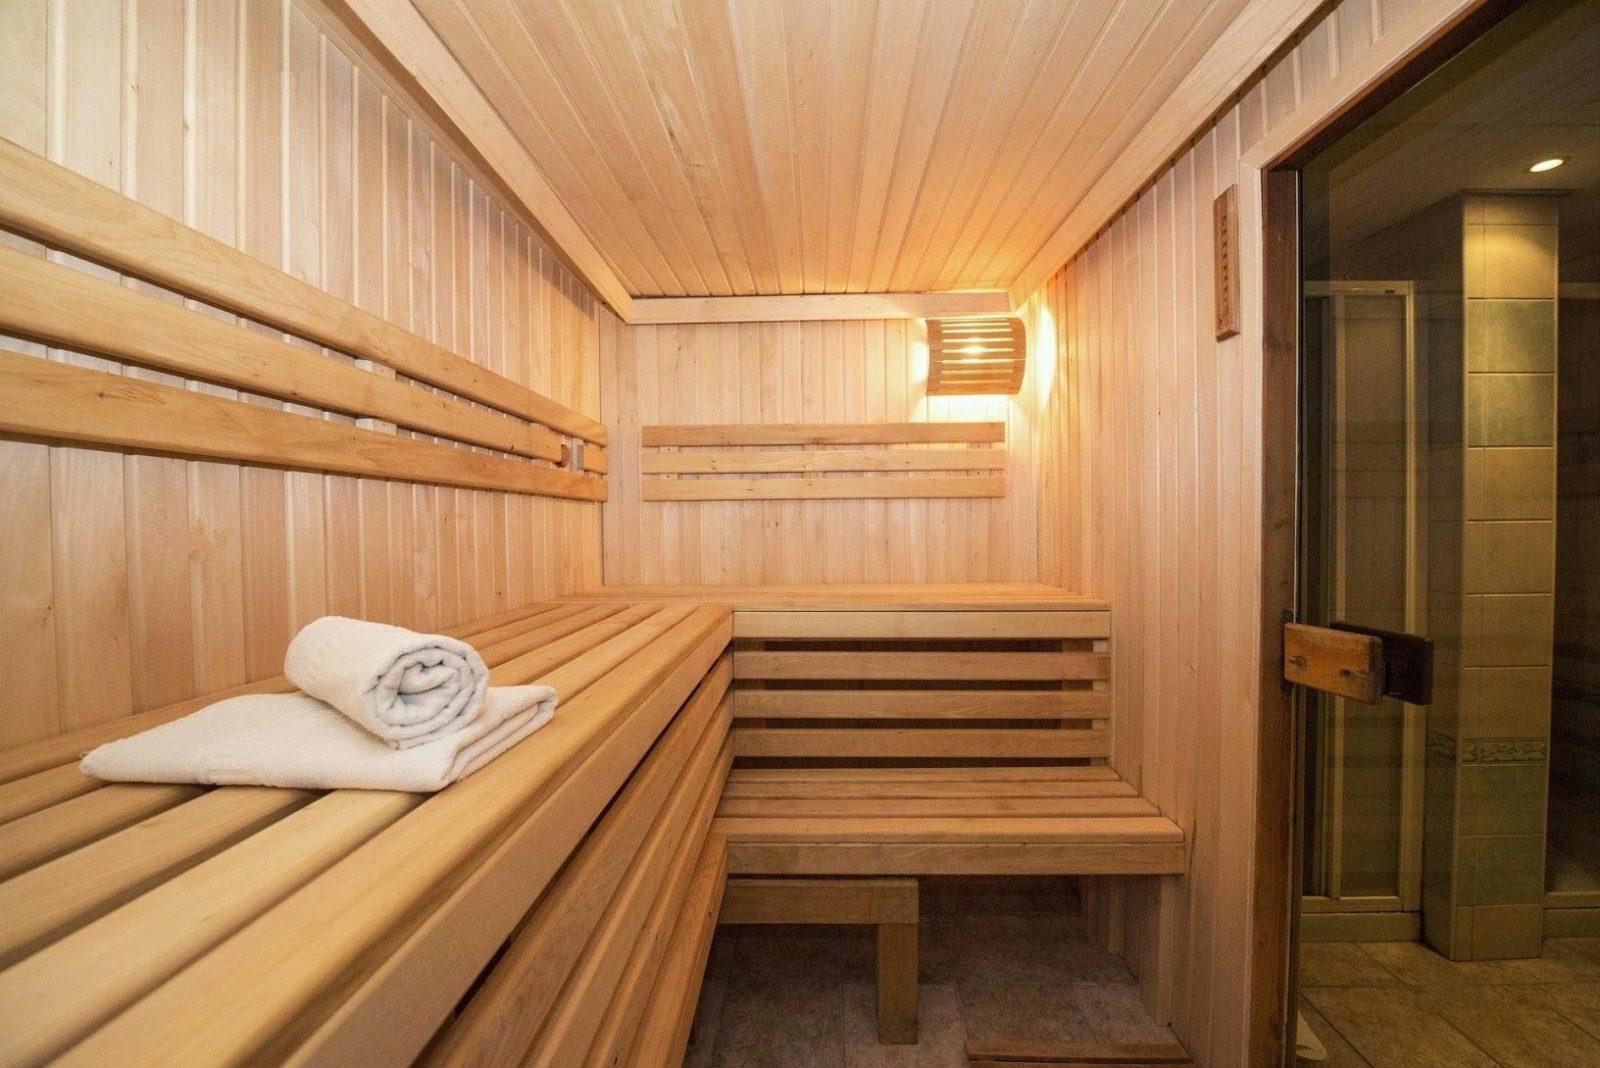 Sauna Im Keller Anzeige Abluft Einbauen Selber Bauen von Sauna Im Keller Einbauen Photo